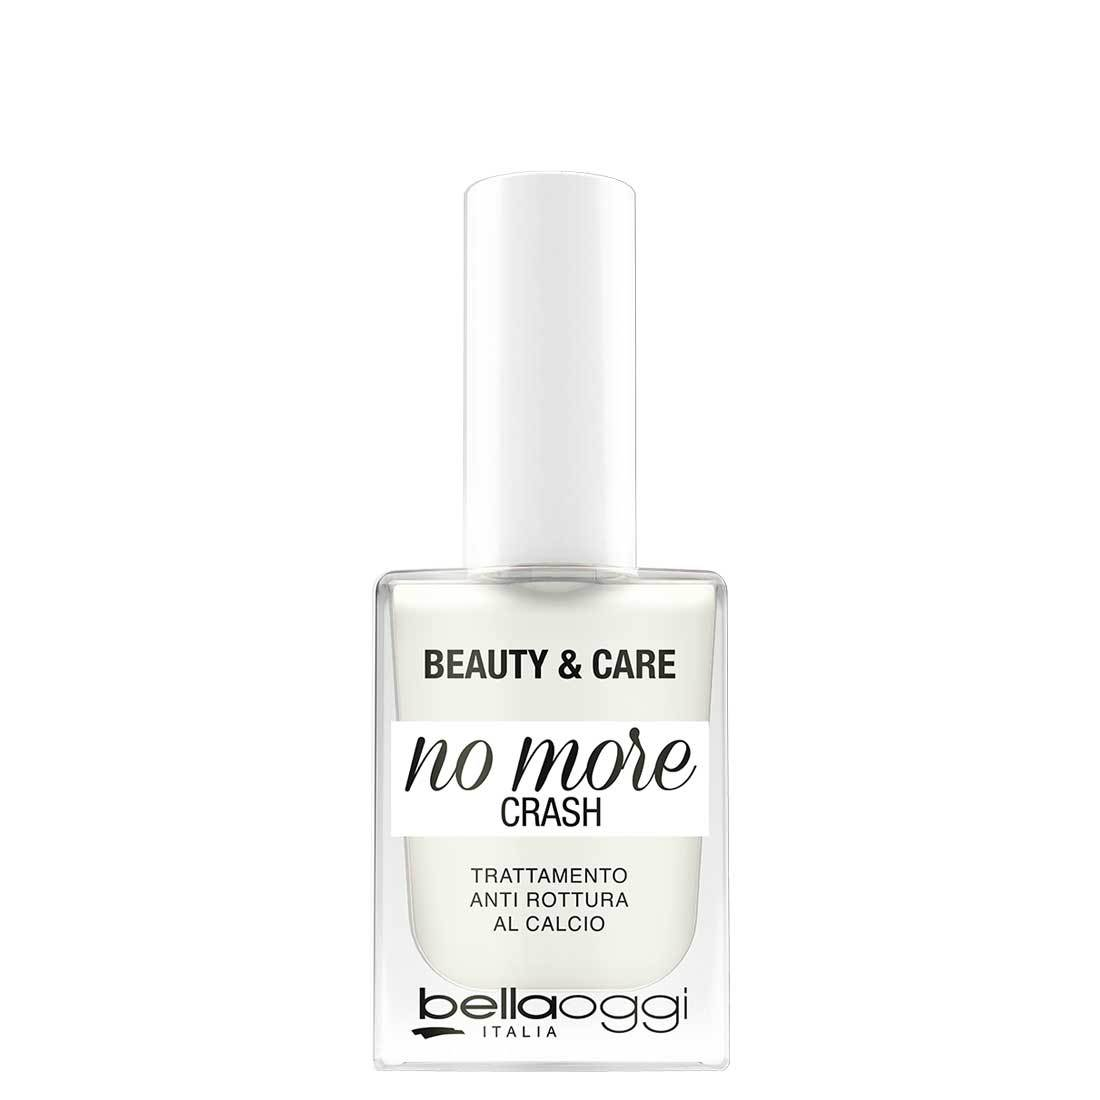 No More Crash -Trattamento rinforzante- Bellaoggi